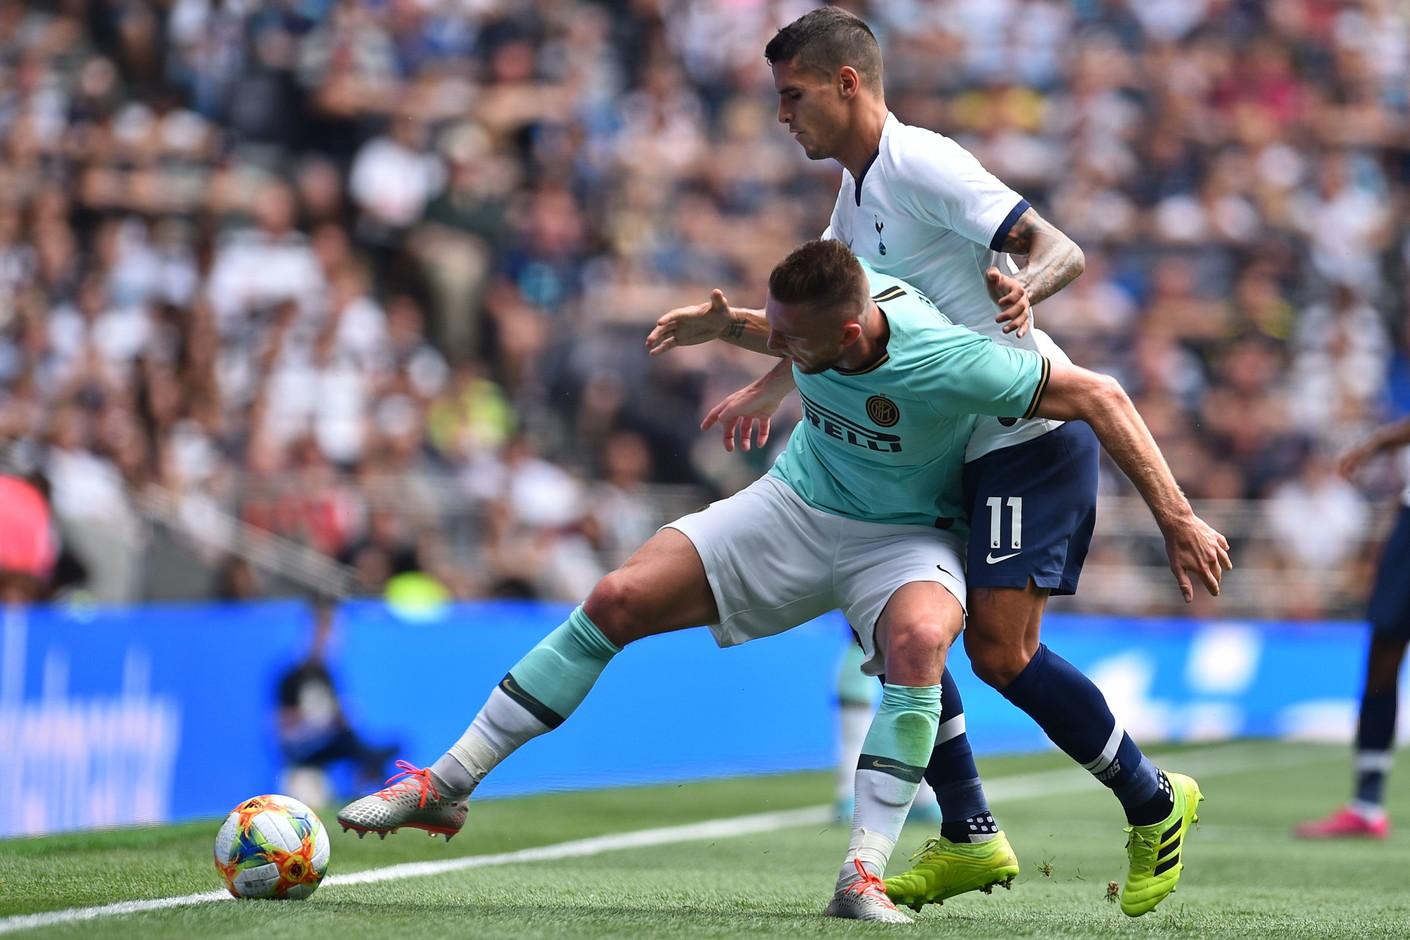 L'Inter batte 5-4il Tottenhamdopo i rigori nell'ultima uscita nell'ICC. Dopo l'1-1 al 90', Joao Mario segna il penalty...